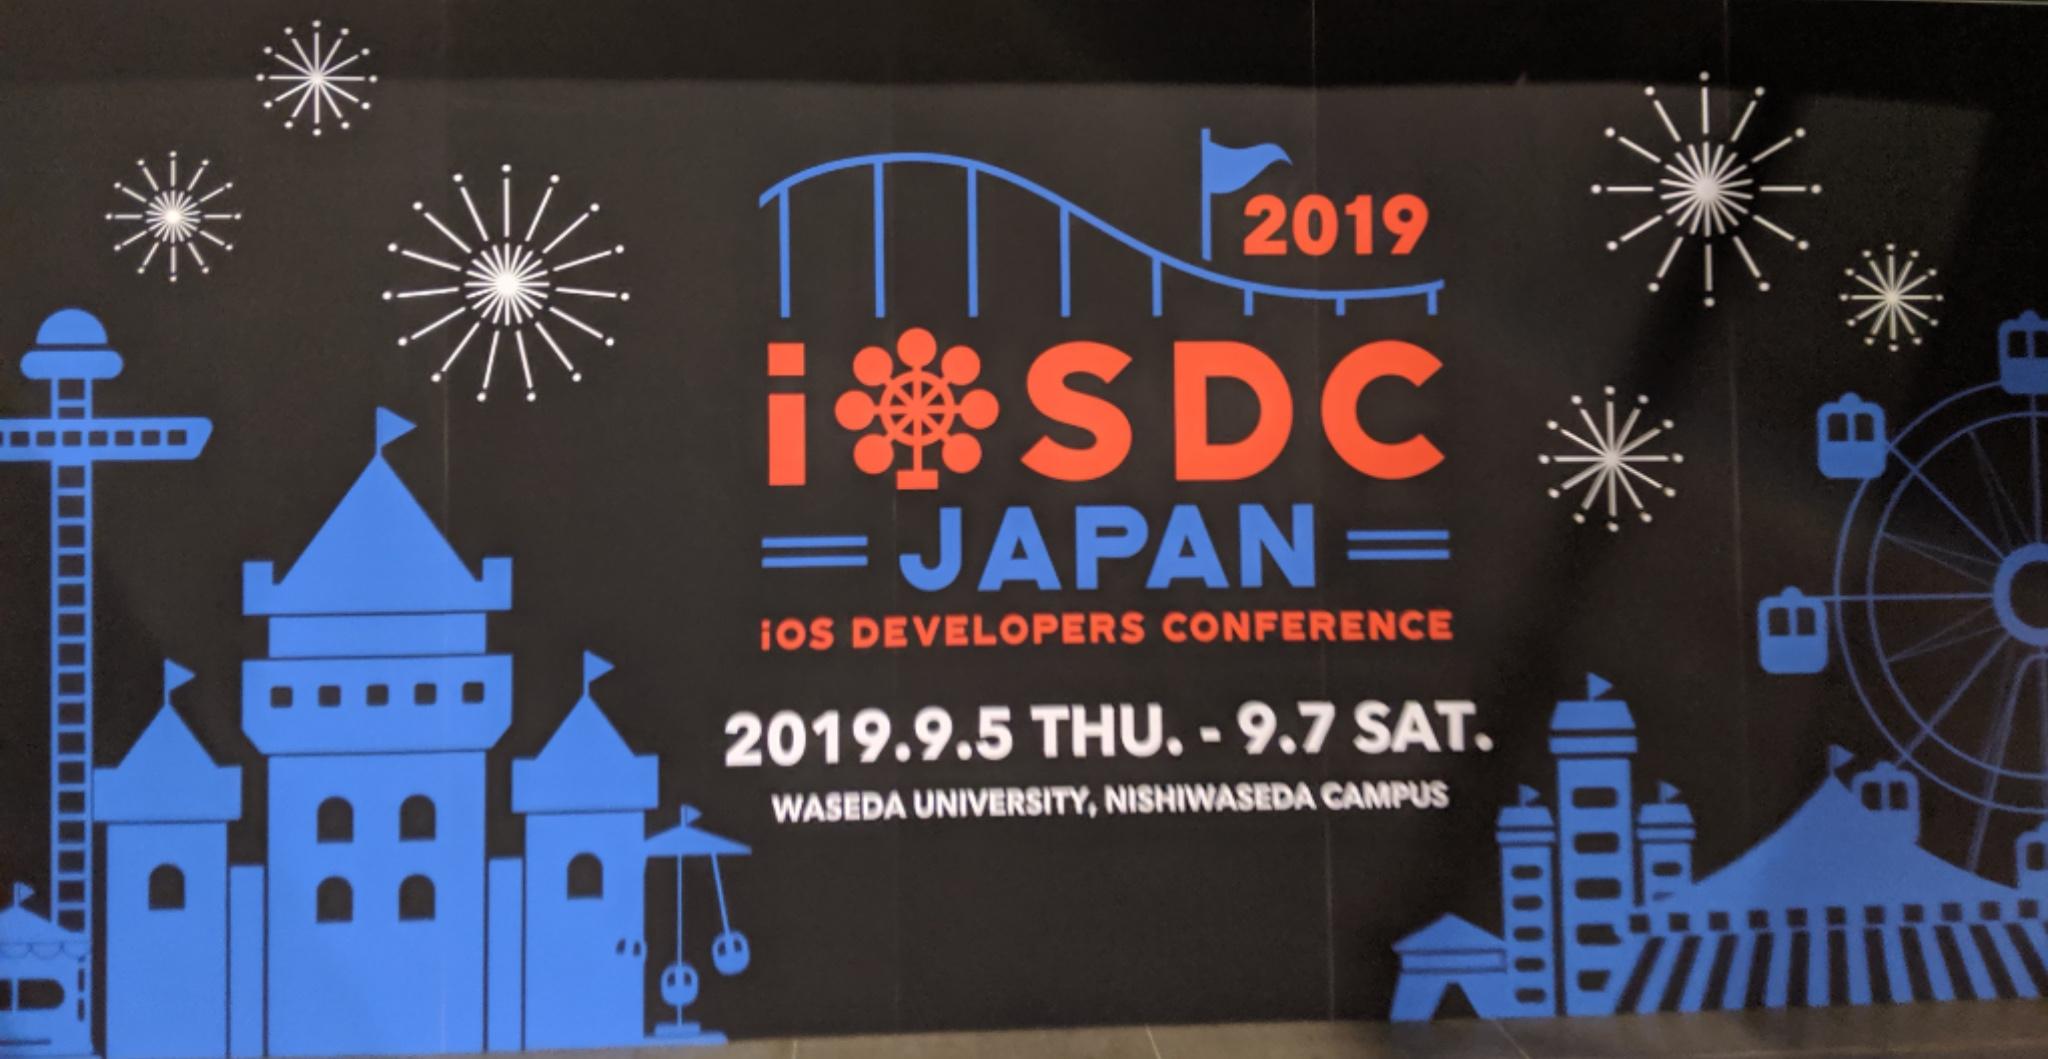 #iOSDC Japan 2019にて2位になった話